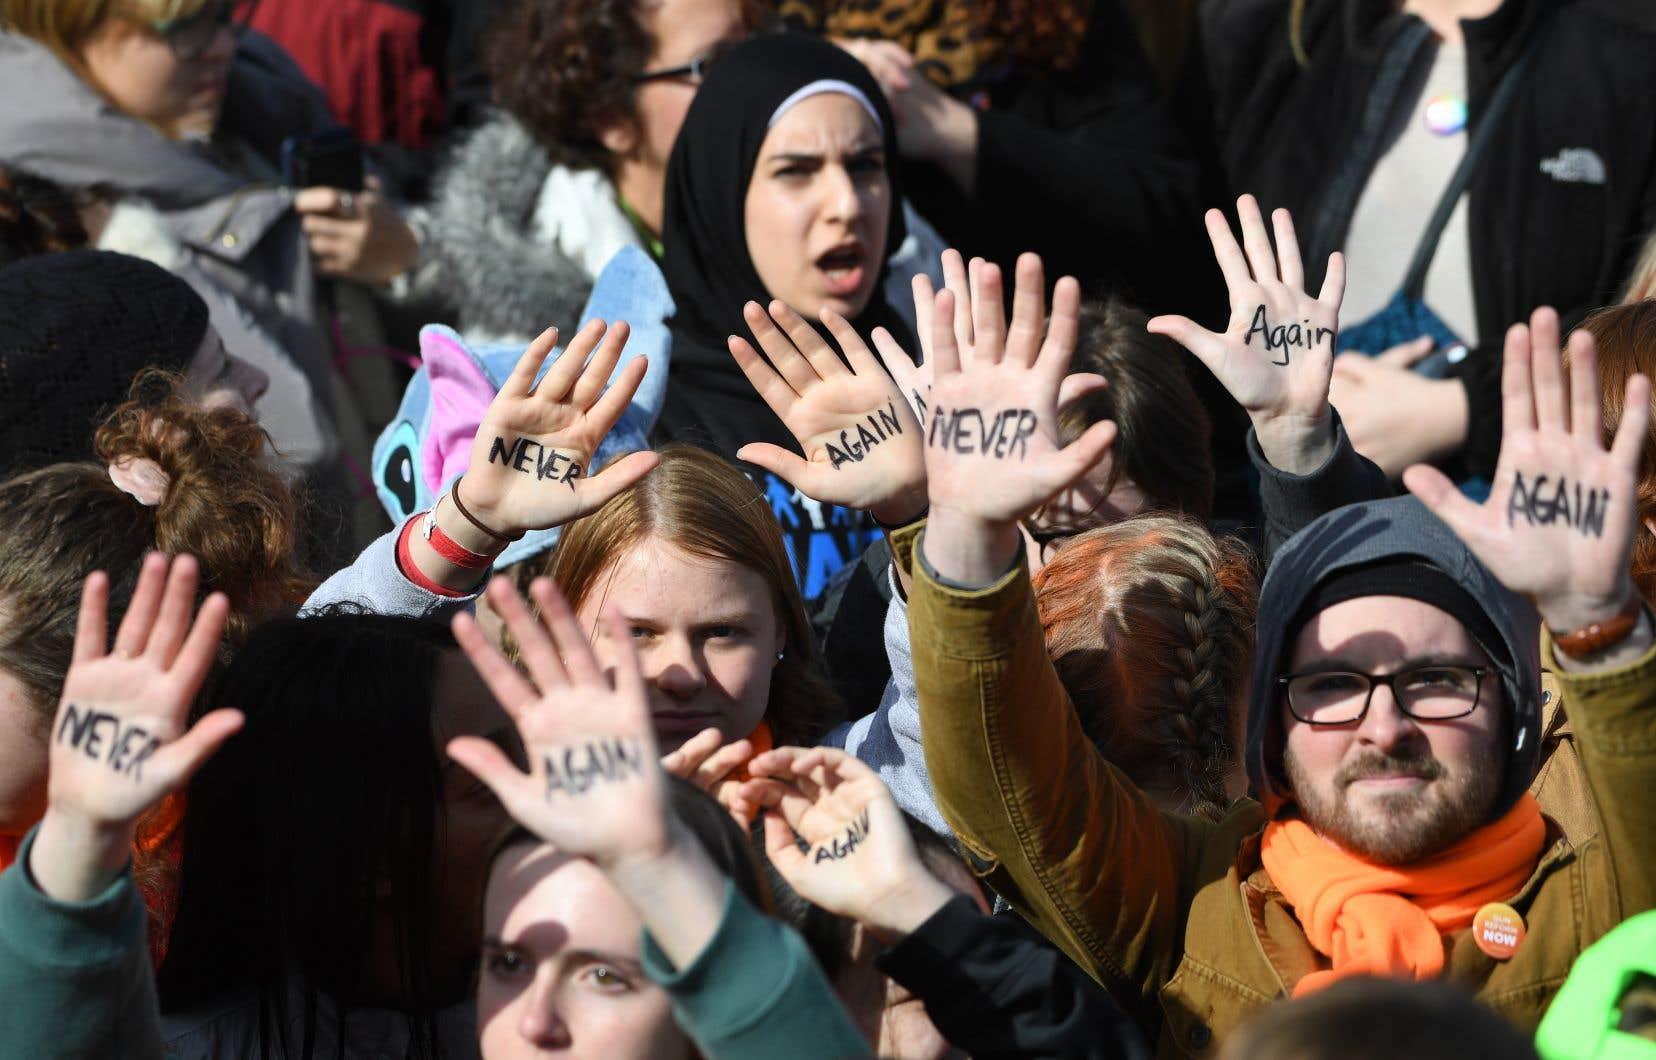 Lors de la journée historique de samedi, plus d'un million de personnes sont descendues dans la rue un peu partout aux États-Unis.